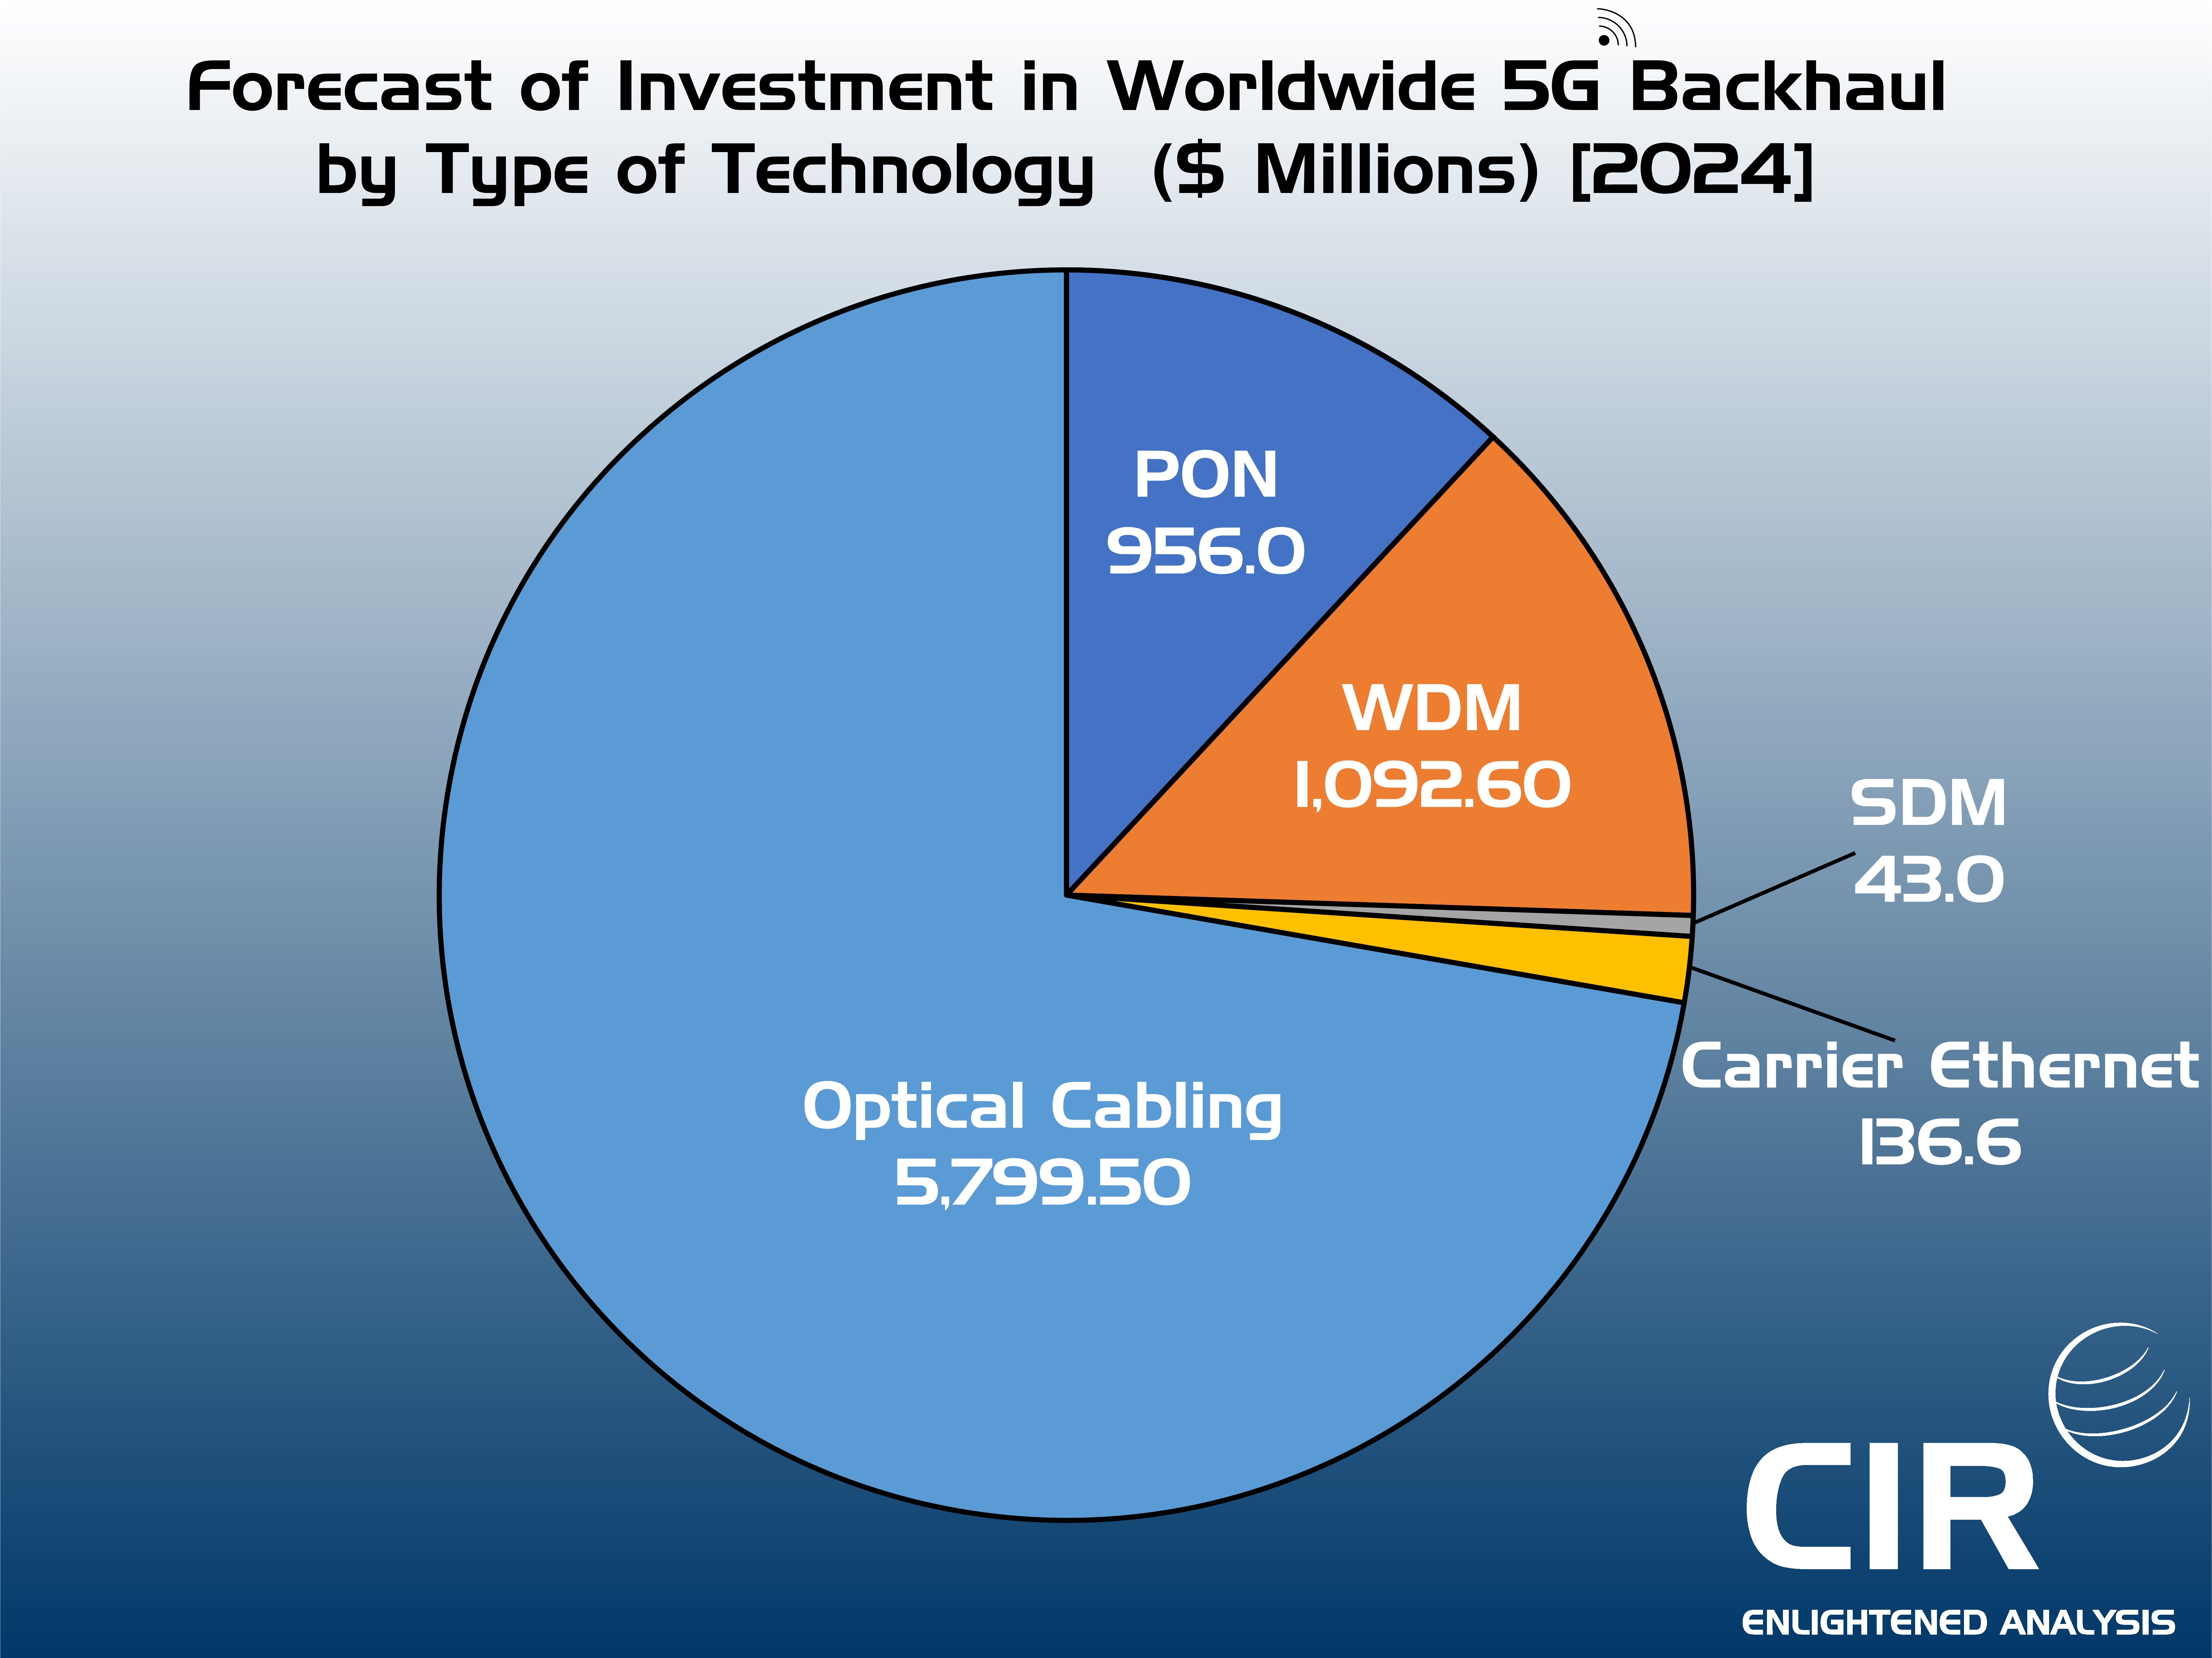 5G Backhaul Investment